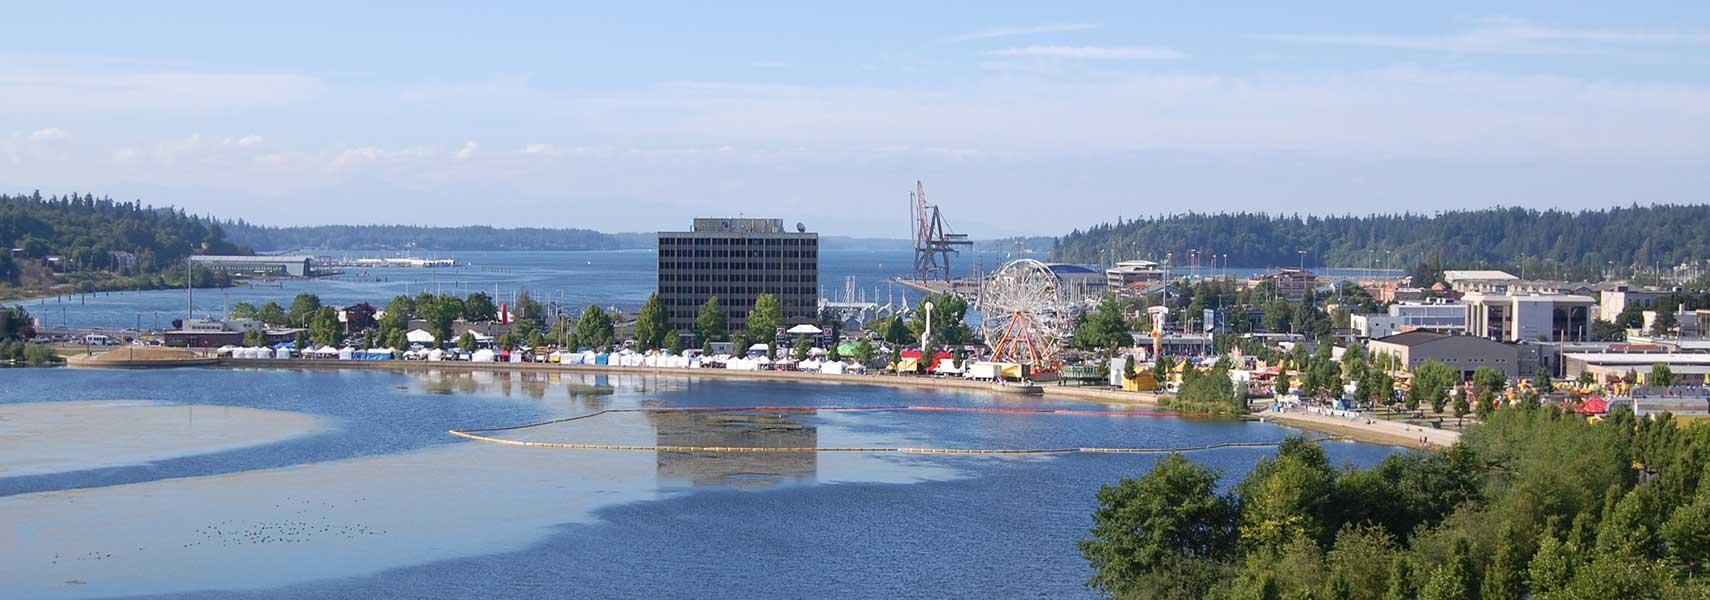 Olympia, capital of Washington State, United States ...